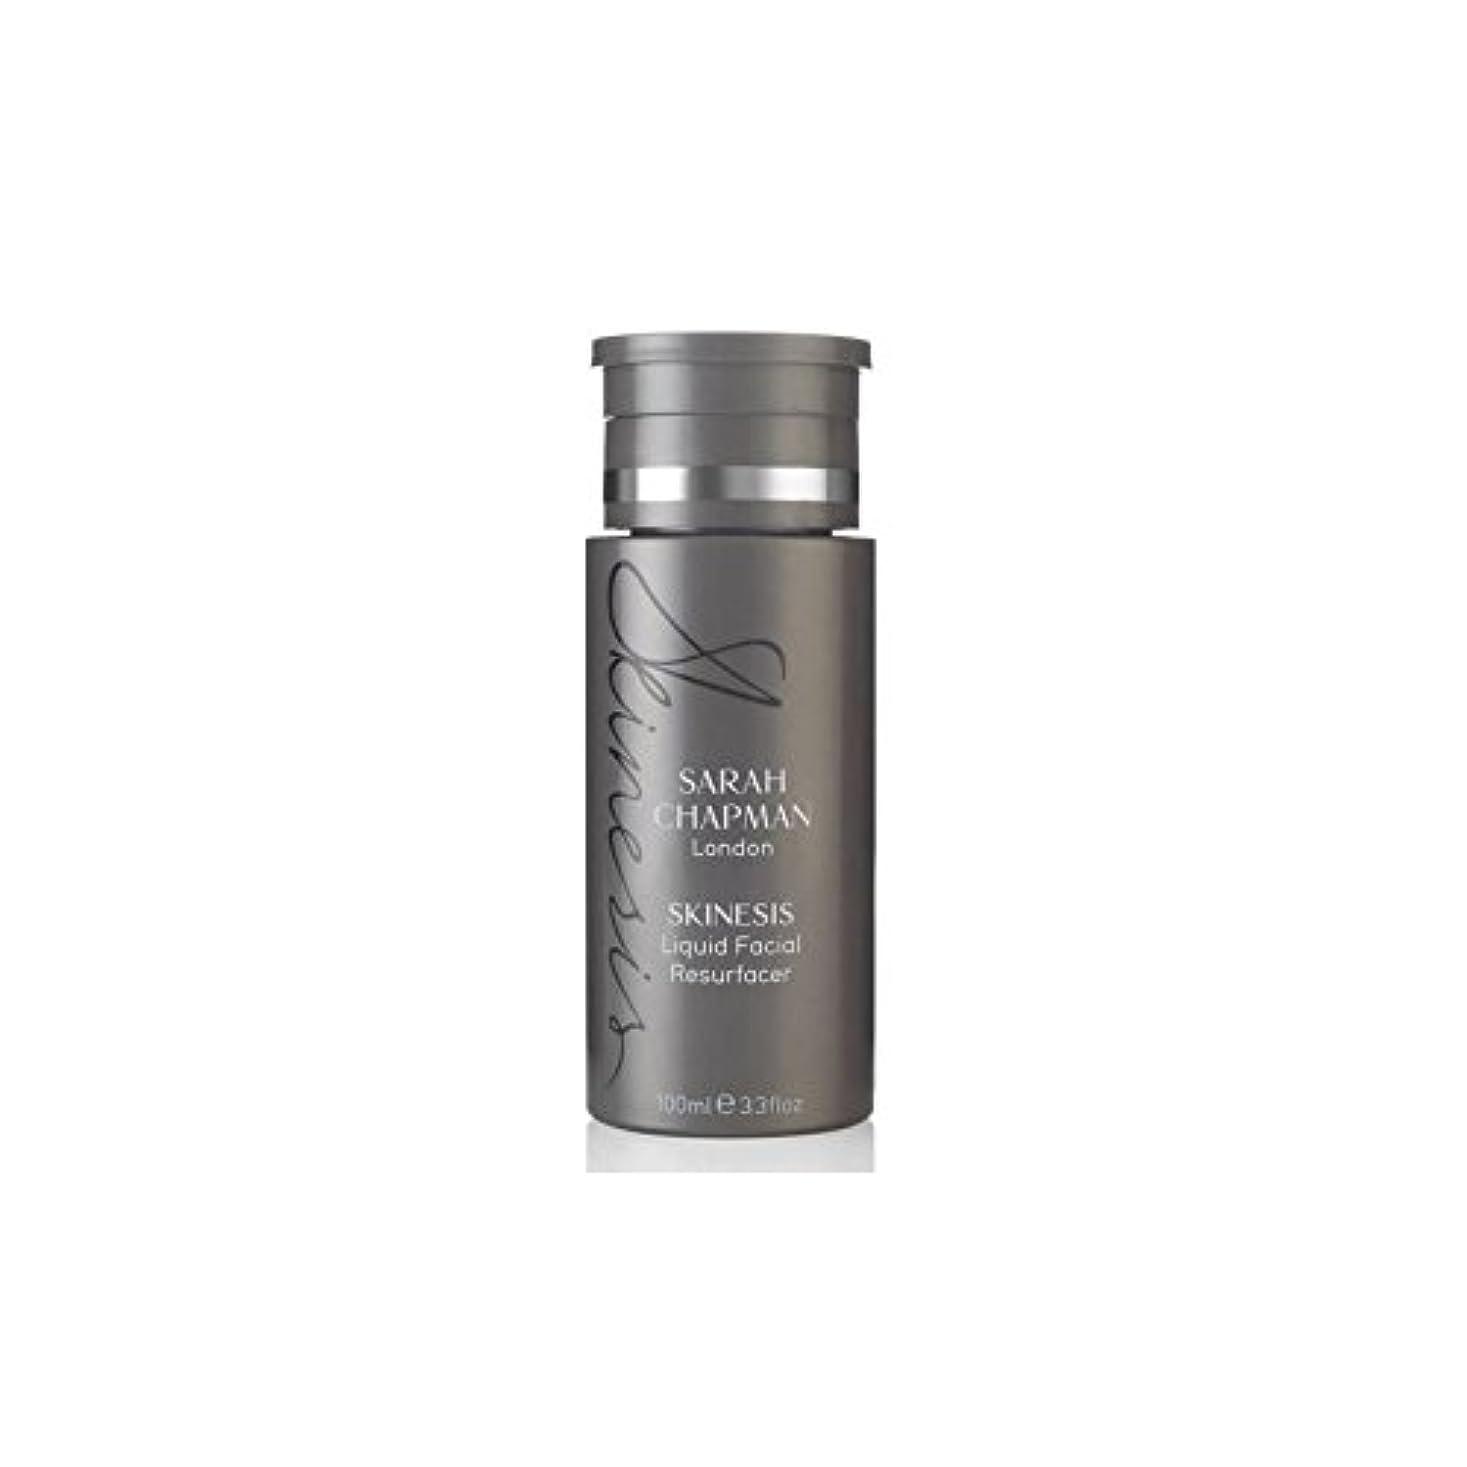 ワイプスタジオ白雪姫サラチャップマン液体顔(100)に x4 - Sarah Chapman Skinesis Liquid Facial Resurfacer (100ml) (Pack of 4) [並行輸入品]